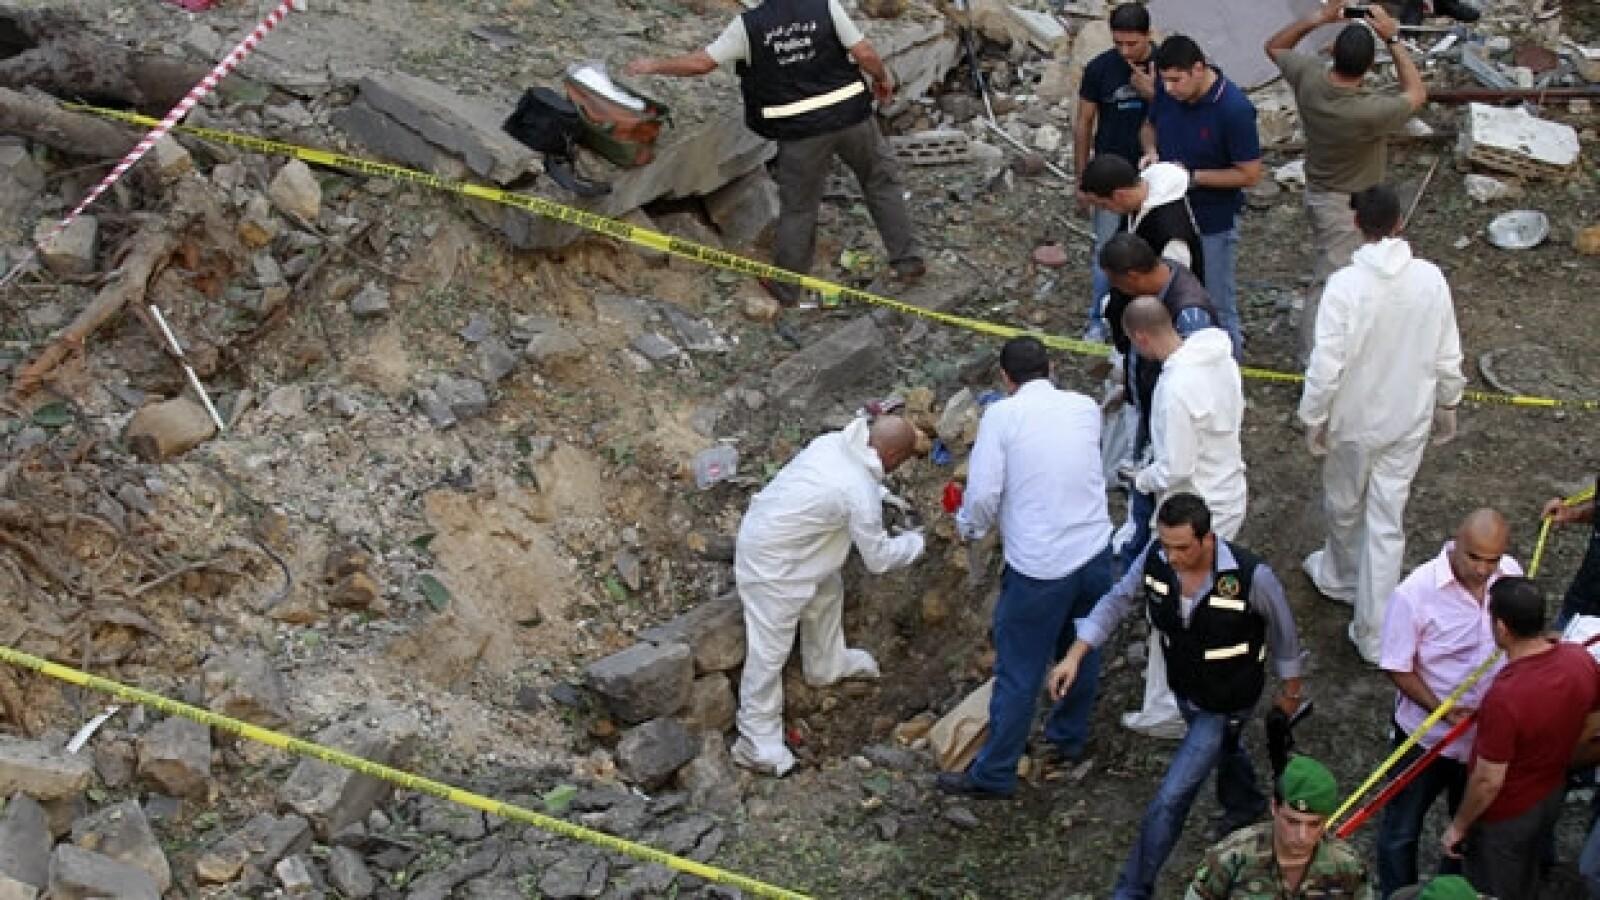 Rescatistas trabajan tras una explosión